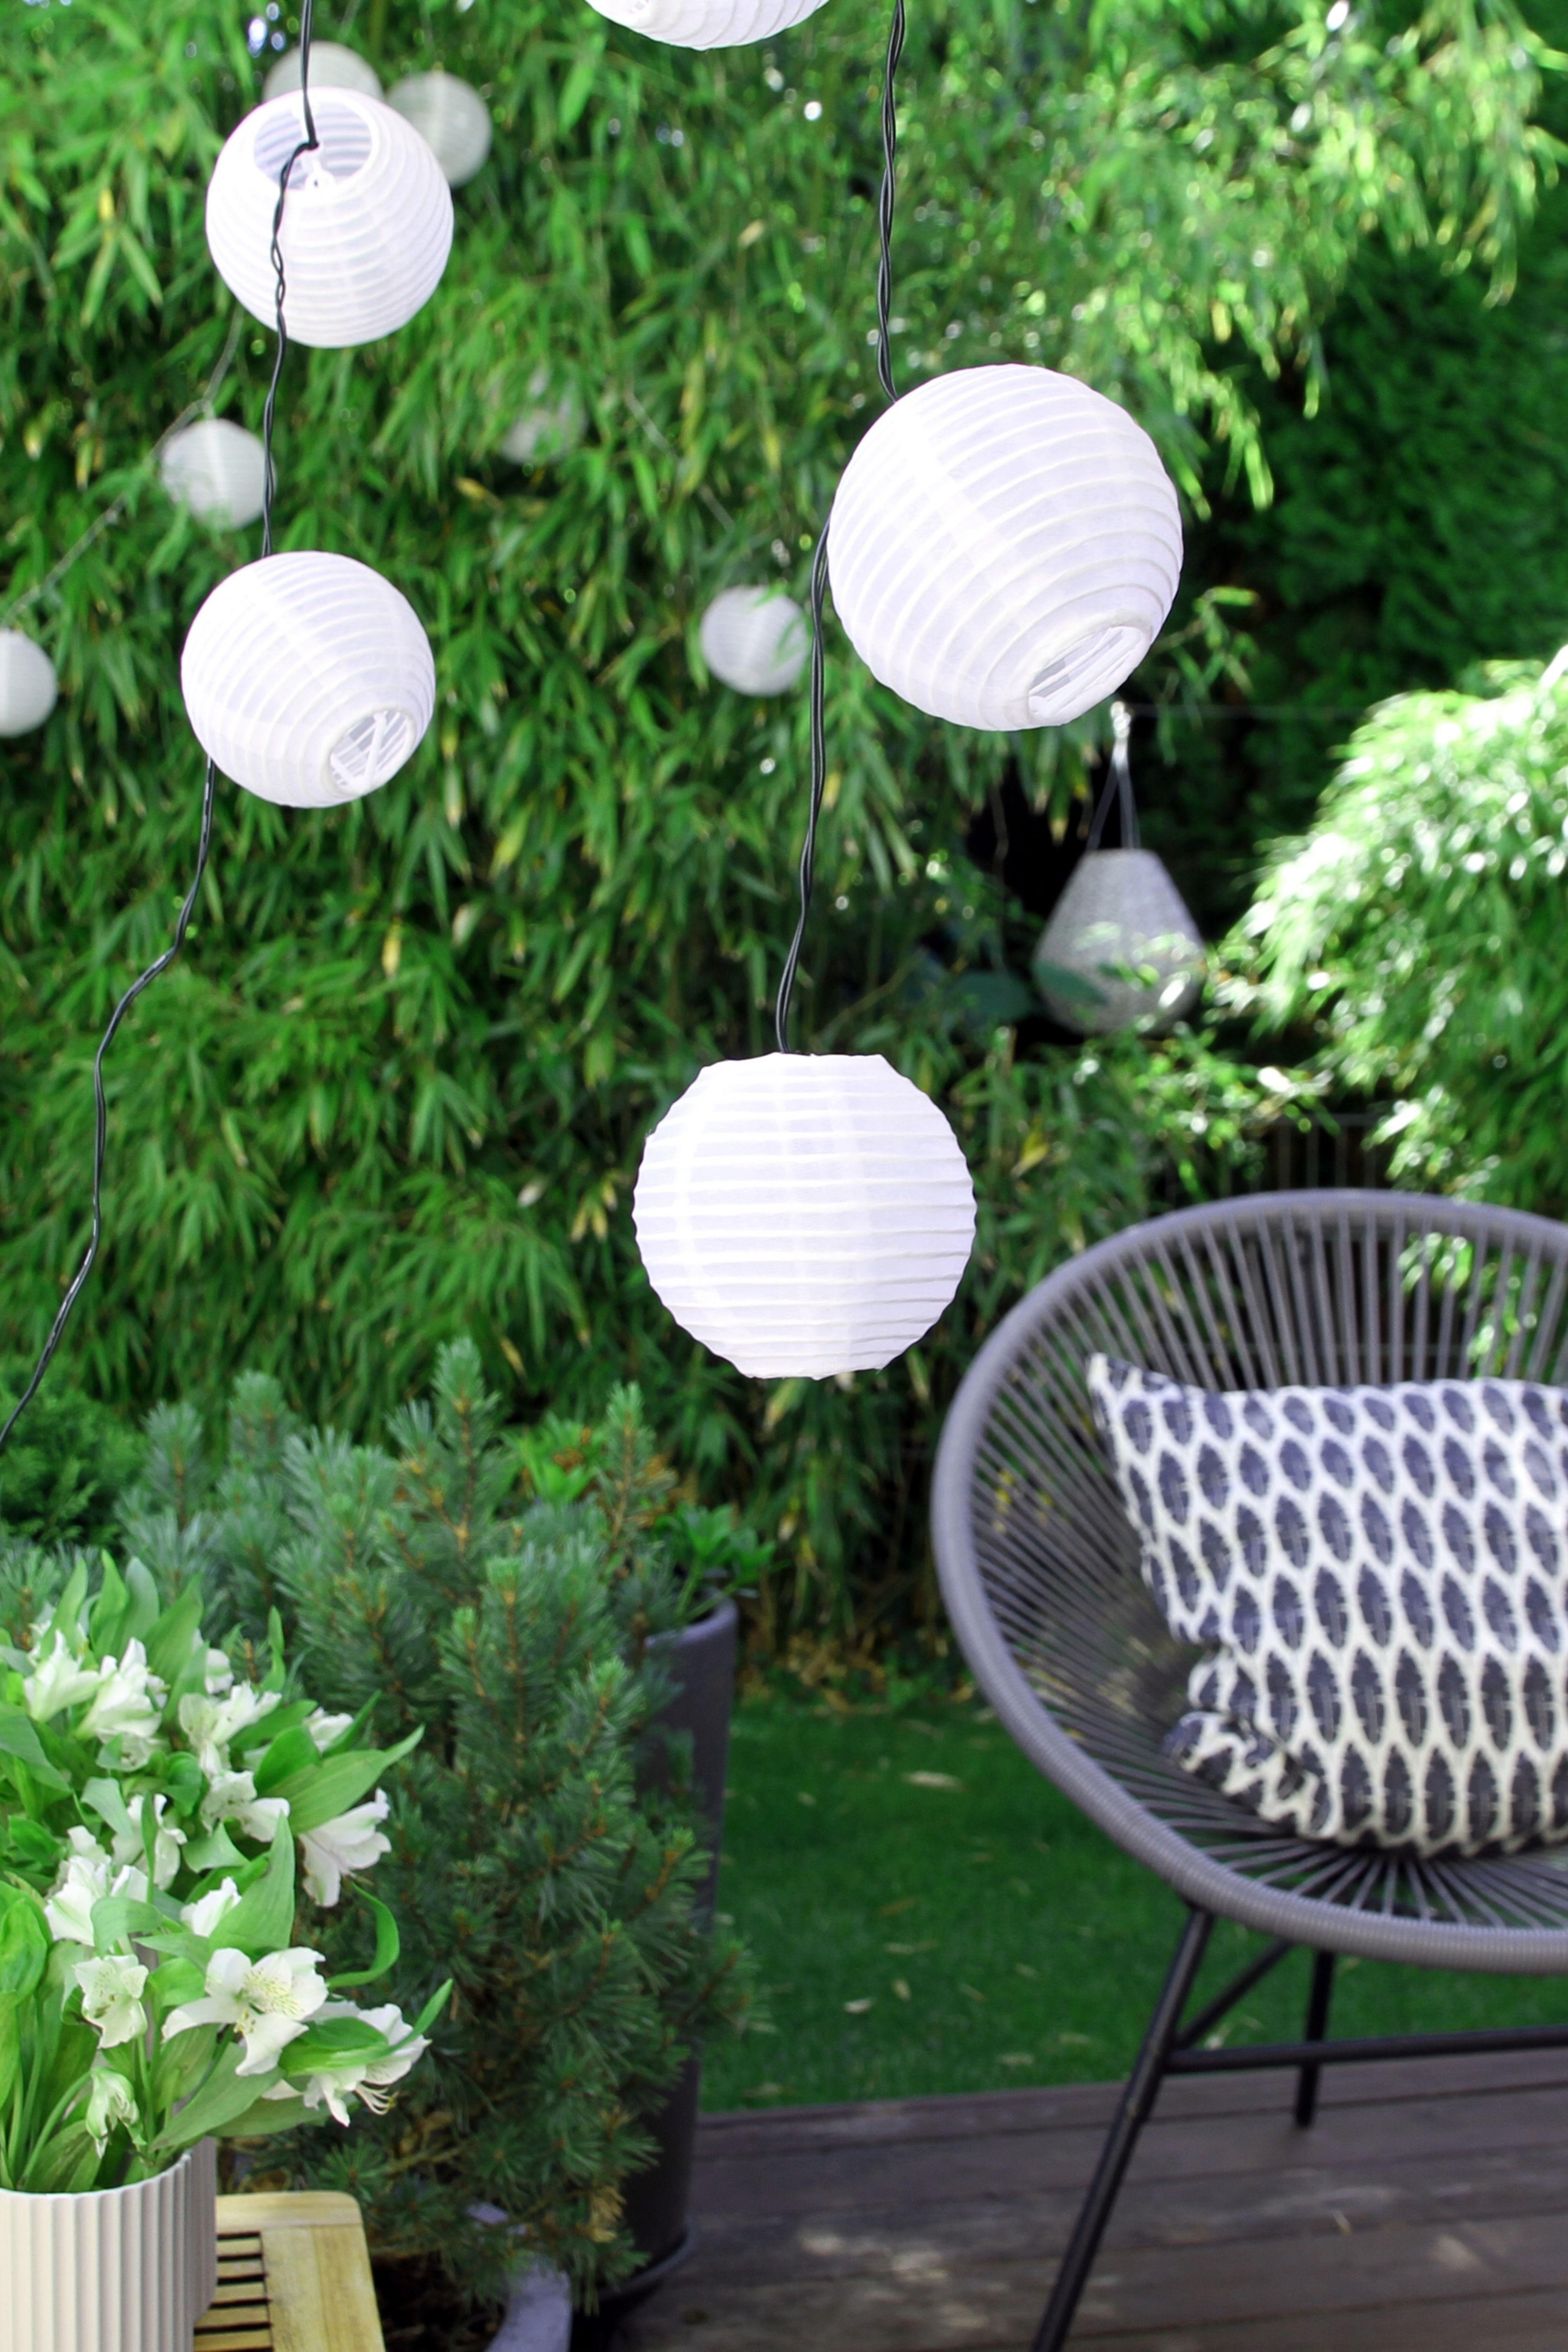 Endlich Sonne Endlich Raus In Den Garten Solar Lichterkette Lichterkette Aussen Balkon Beleuchtung